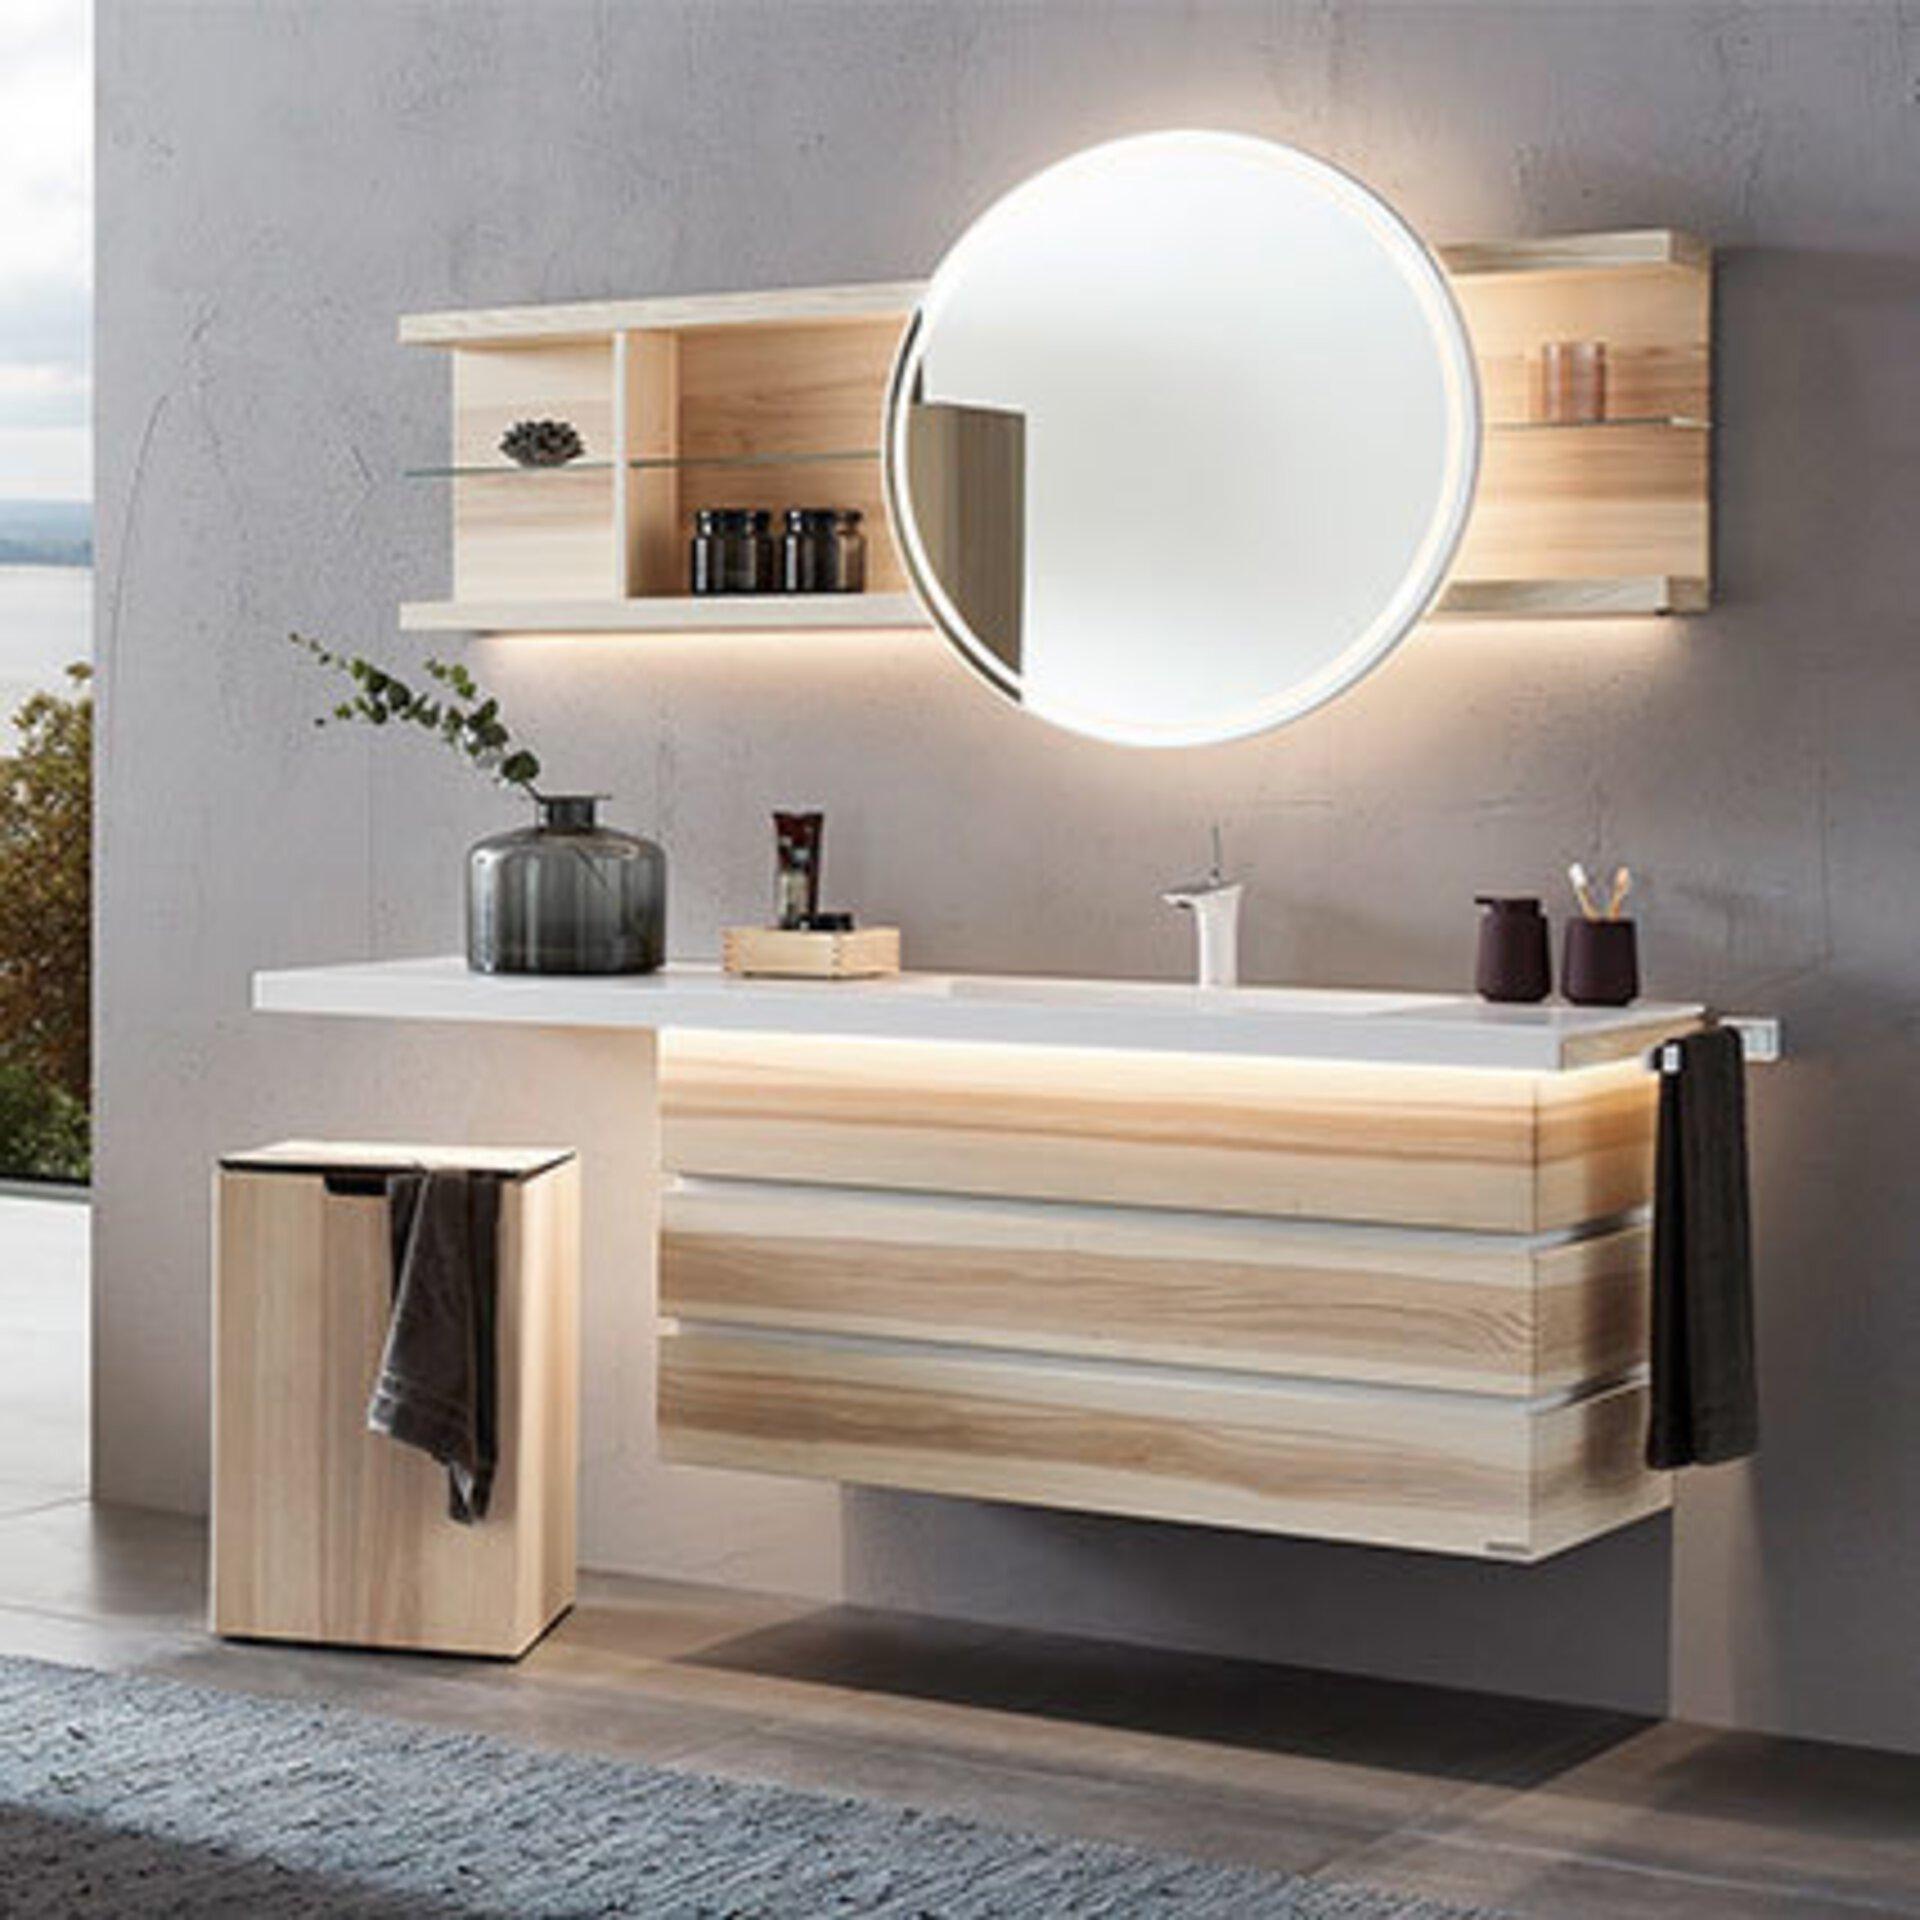 bad badezimmer spiegelschrank möbel inhofer